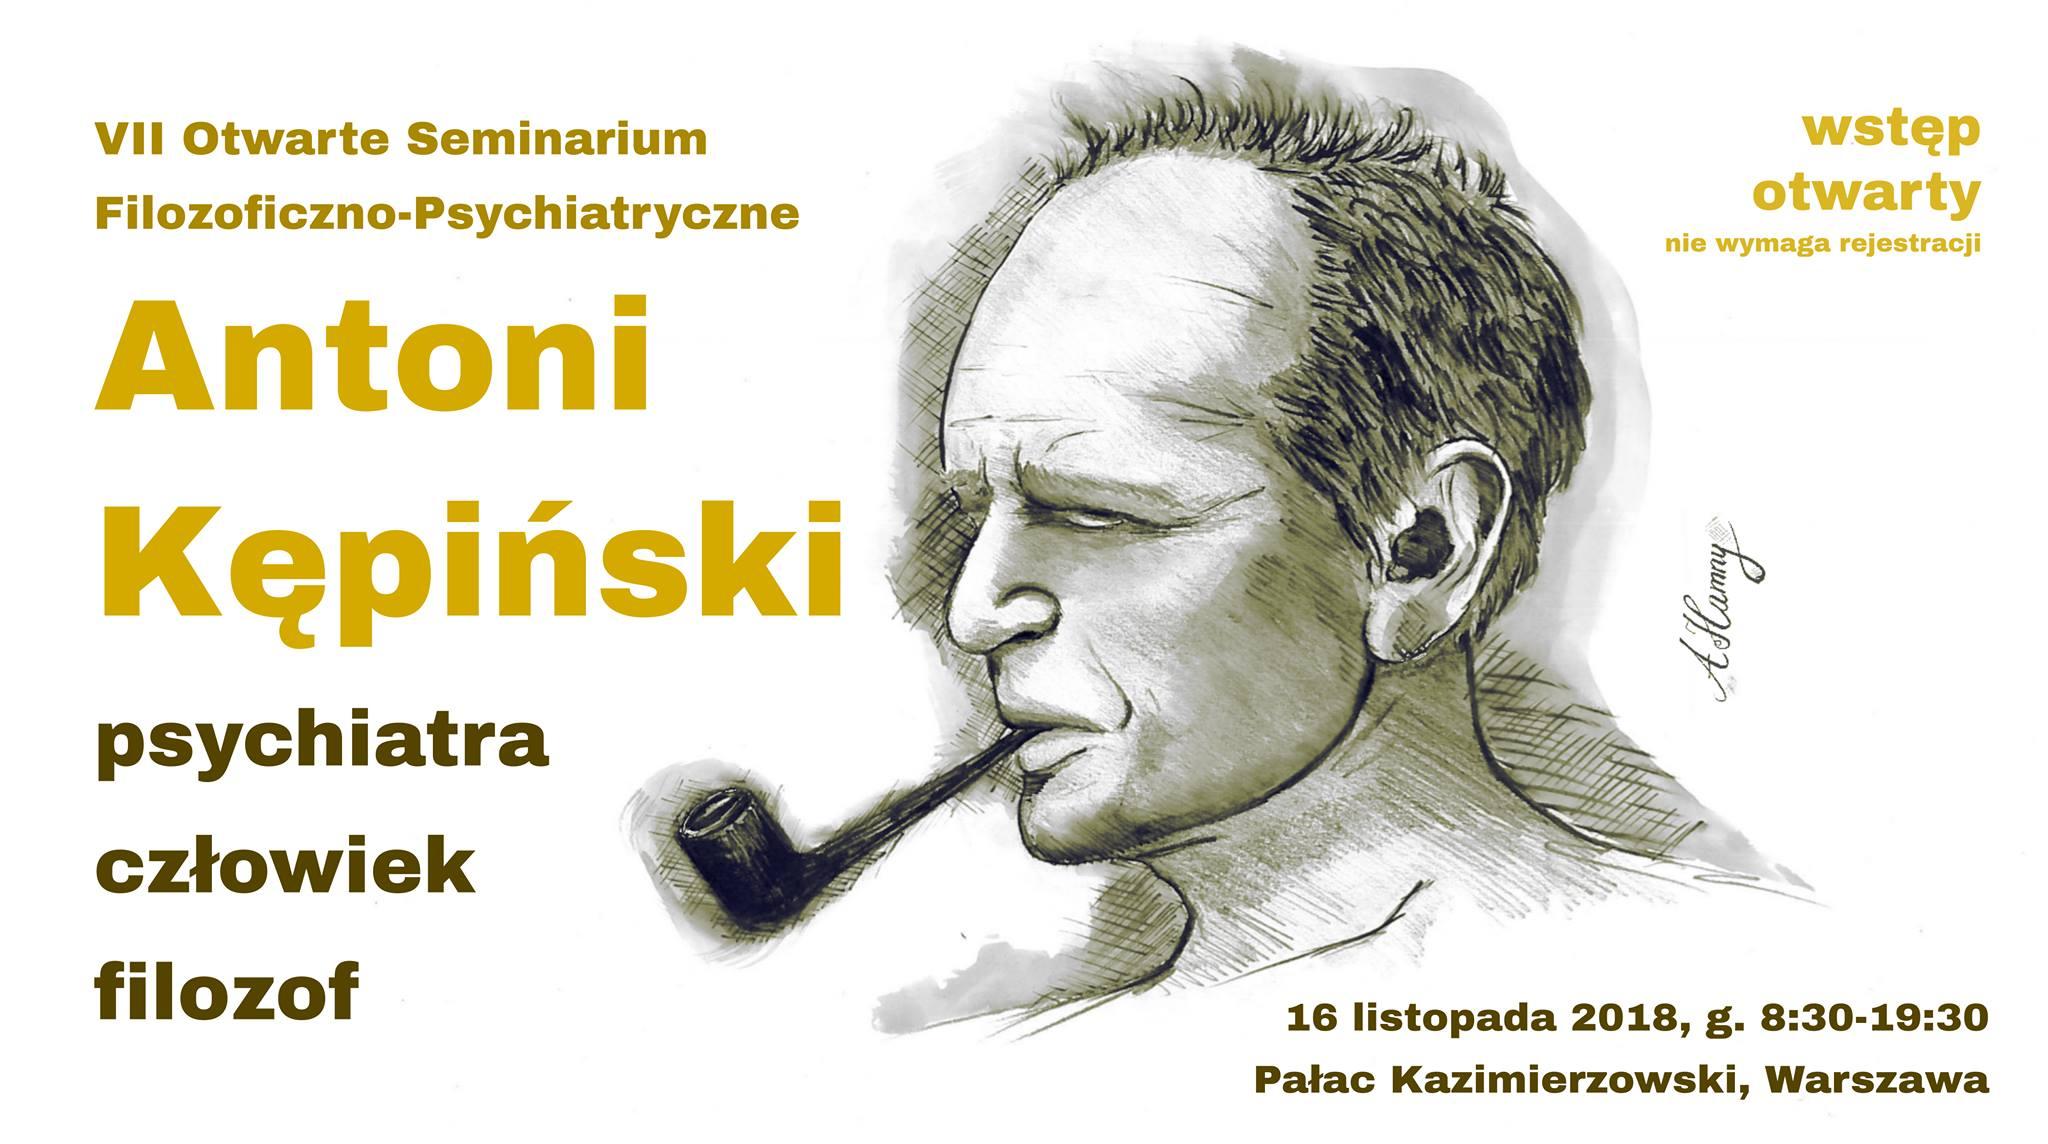 VII OSF-P Antoni Kępiński: psychiatra, człowiek, filozof